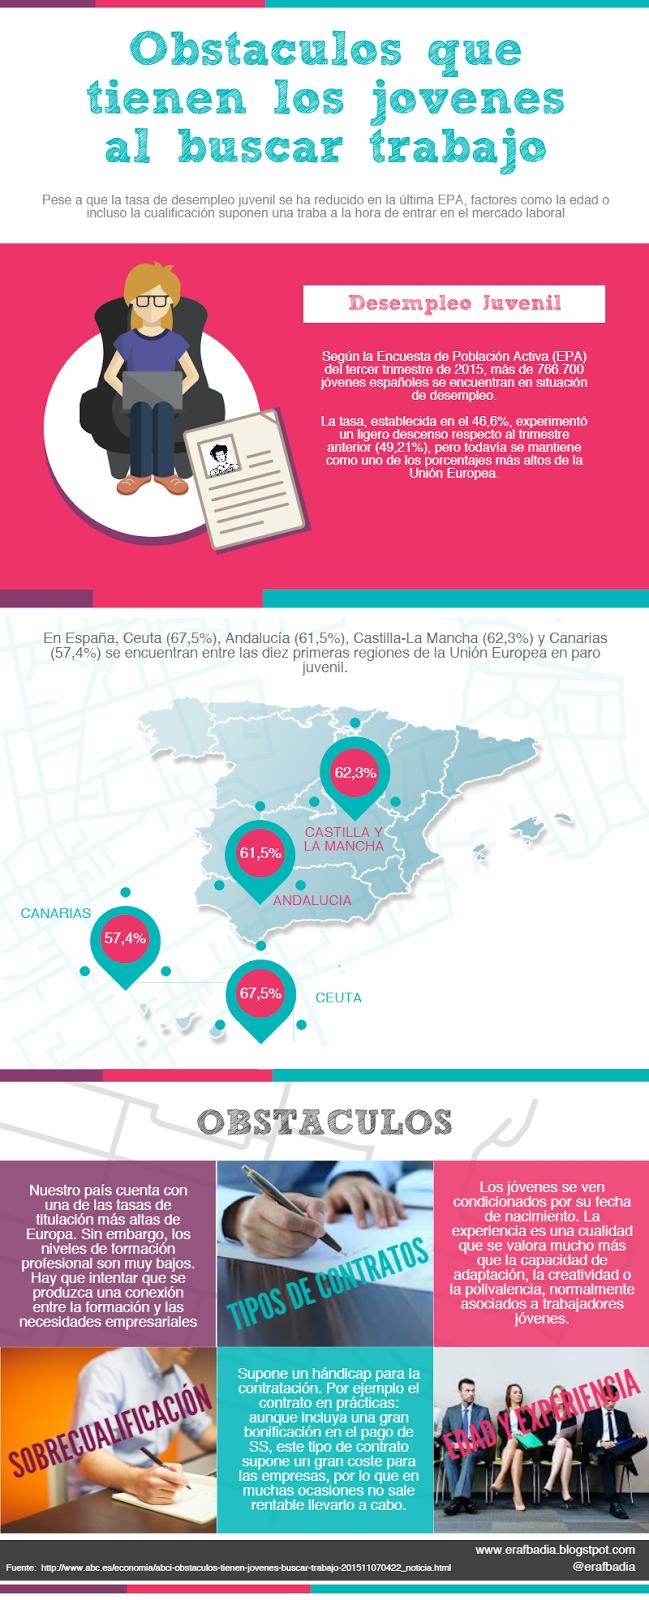 Obstáculos que tiene los jóvenes al buscar trabajo #infografia #infographic #empleo